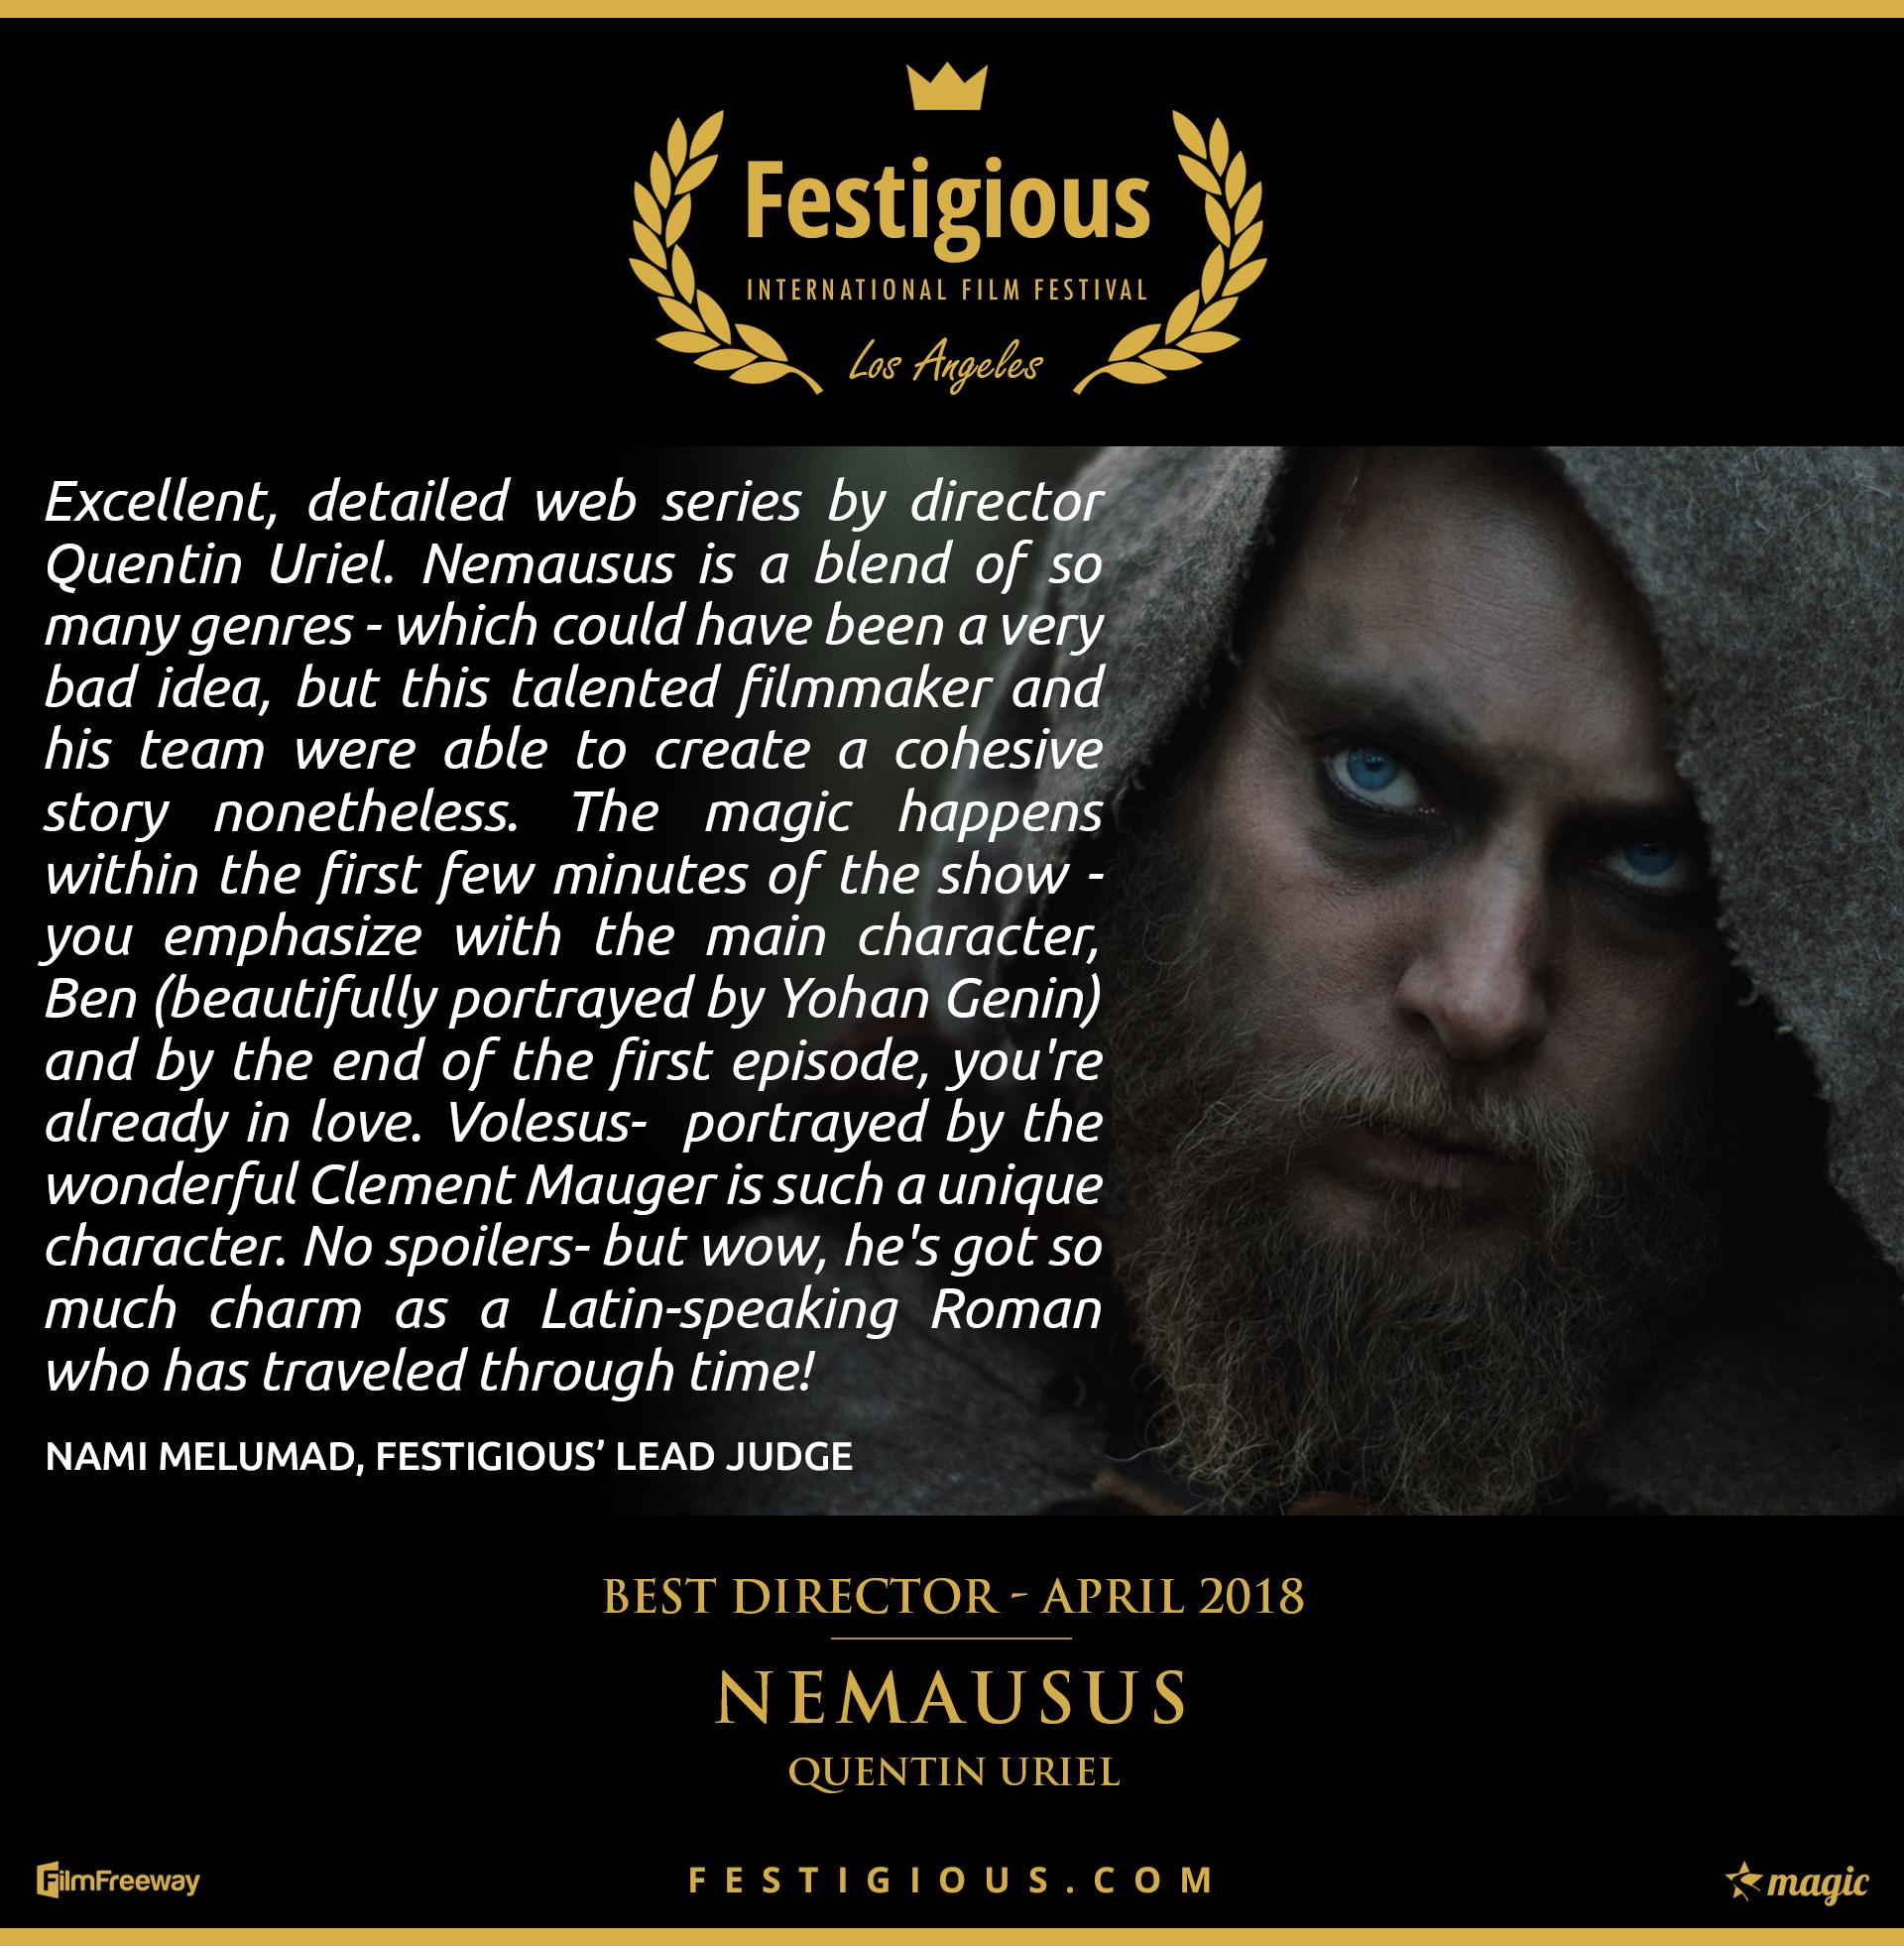 NEMAUSUS - Best Director